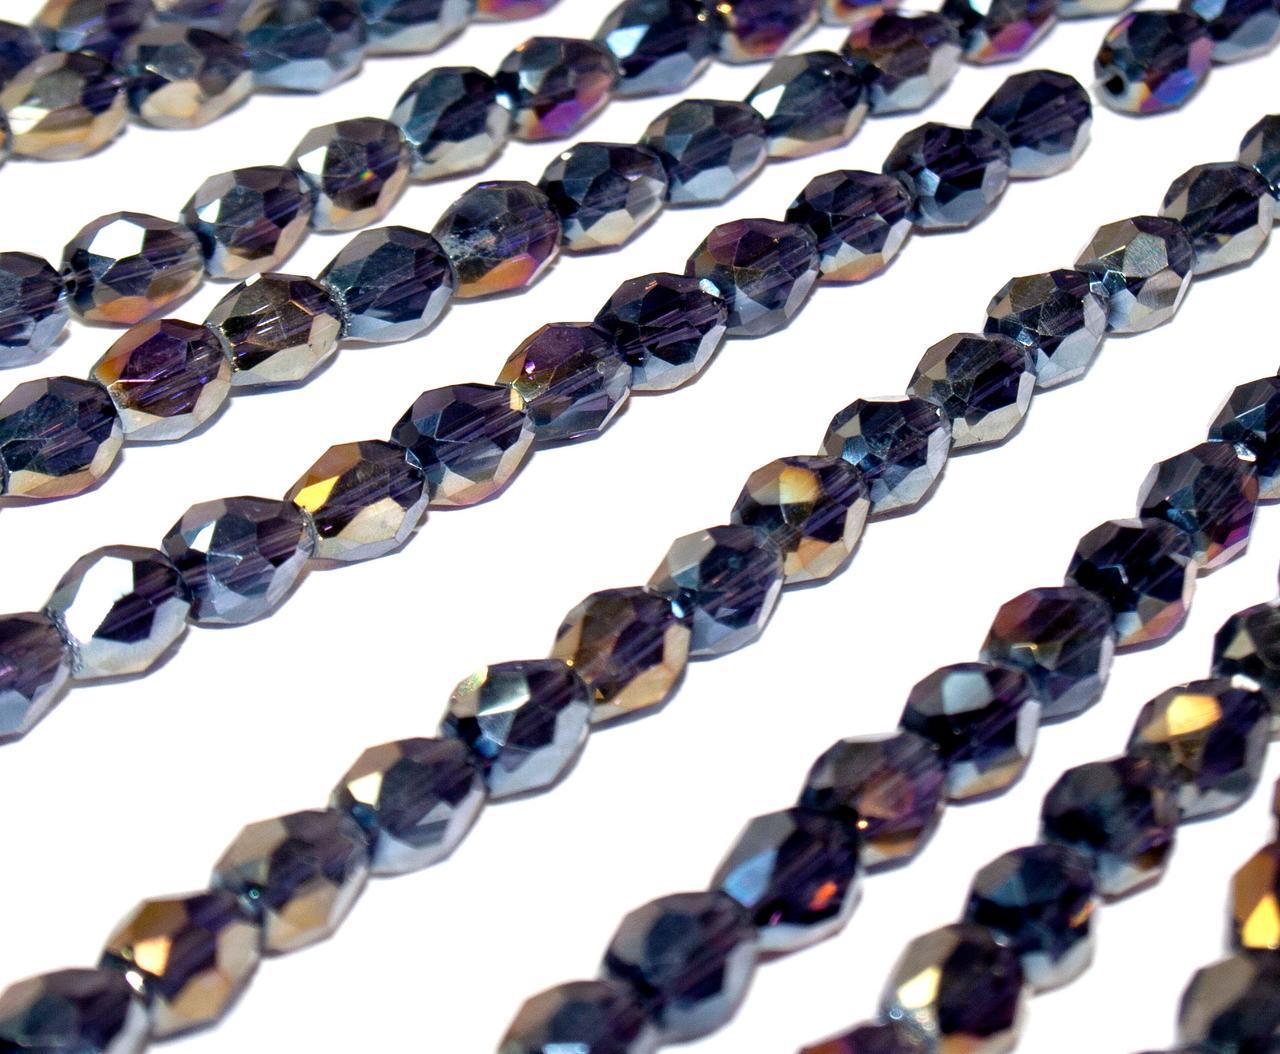 Бусины хрусталь КАПЛЯ Малая 7х5мм пачка - примерно 70 шт, цвет - темно фиолетовый прозрачный с АБ